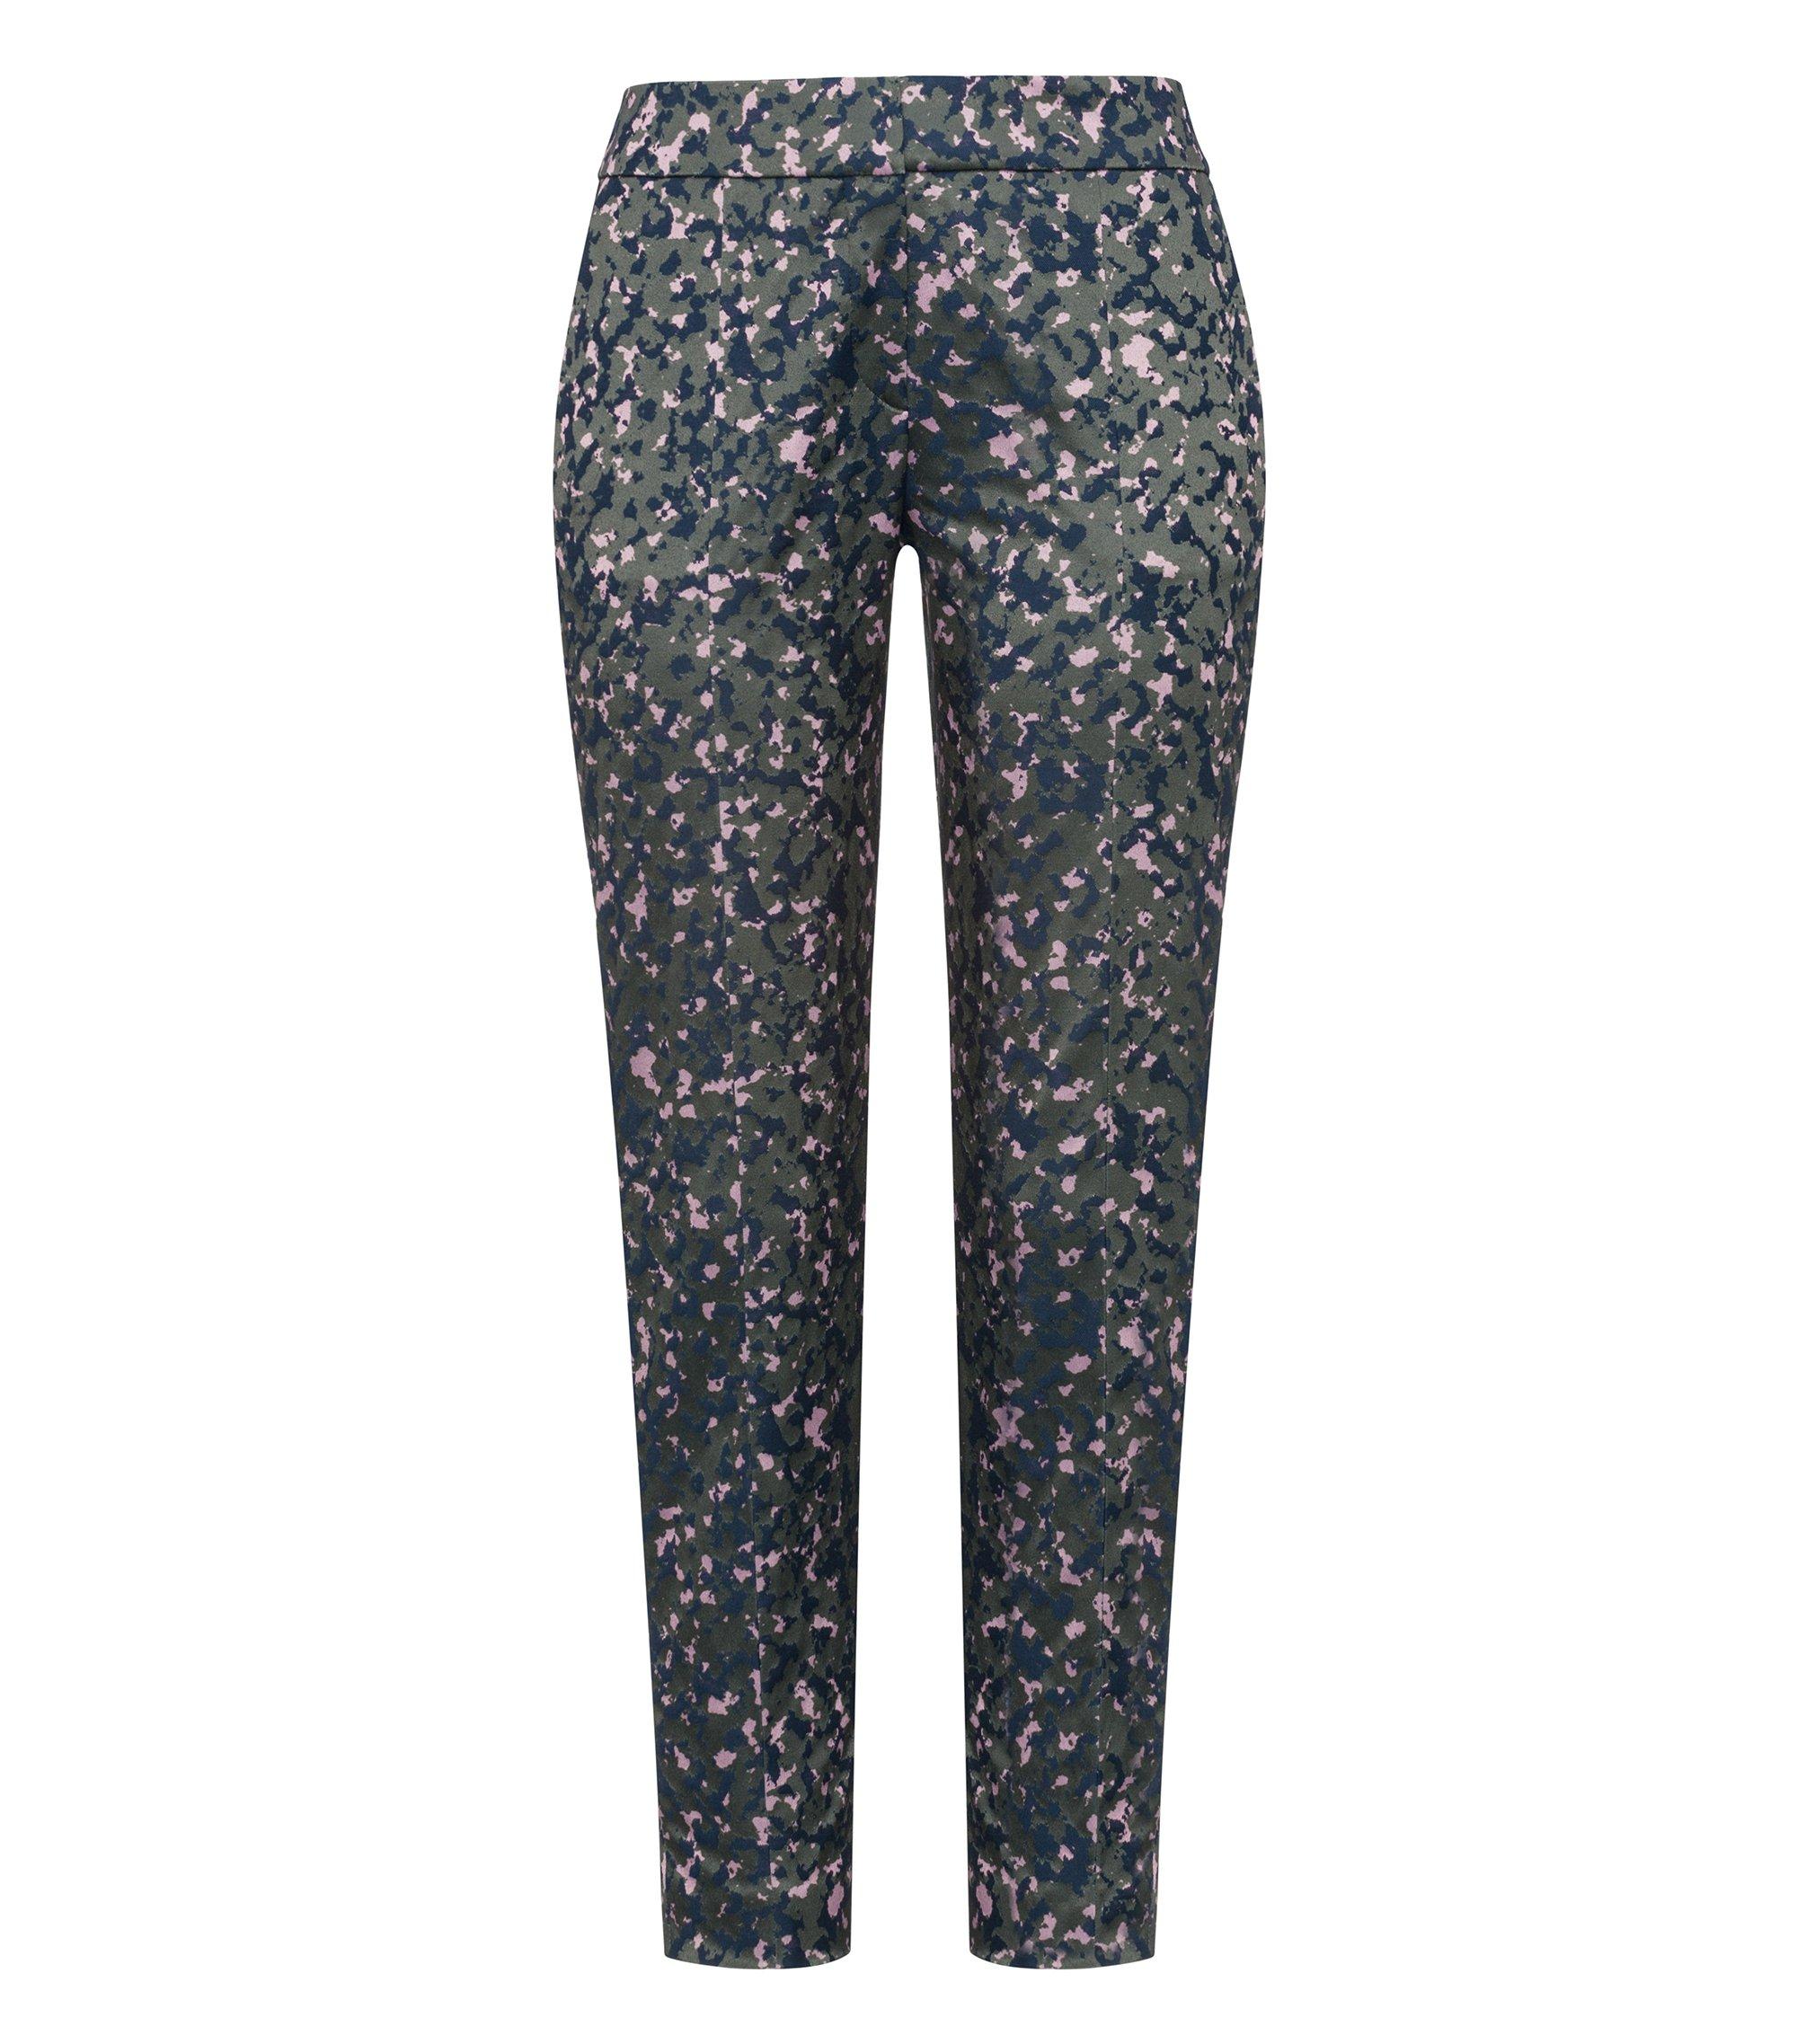 Pantalon cigarette Slim Fit en jacquard de coton stretch à imprimé camouflage, Fantaisie